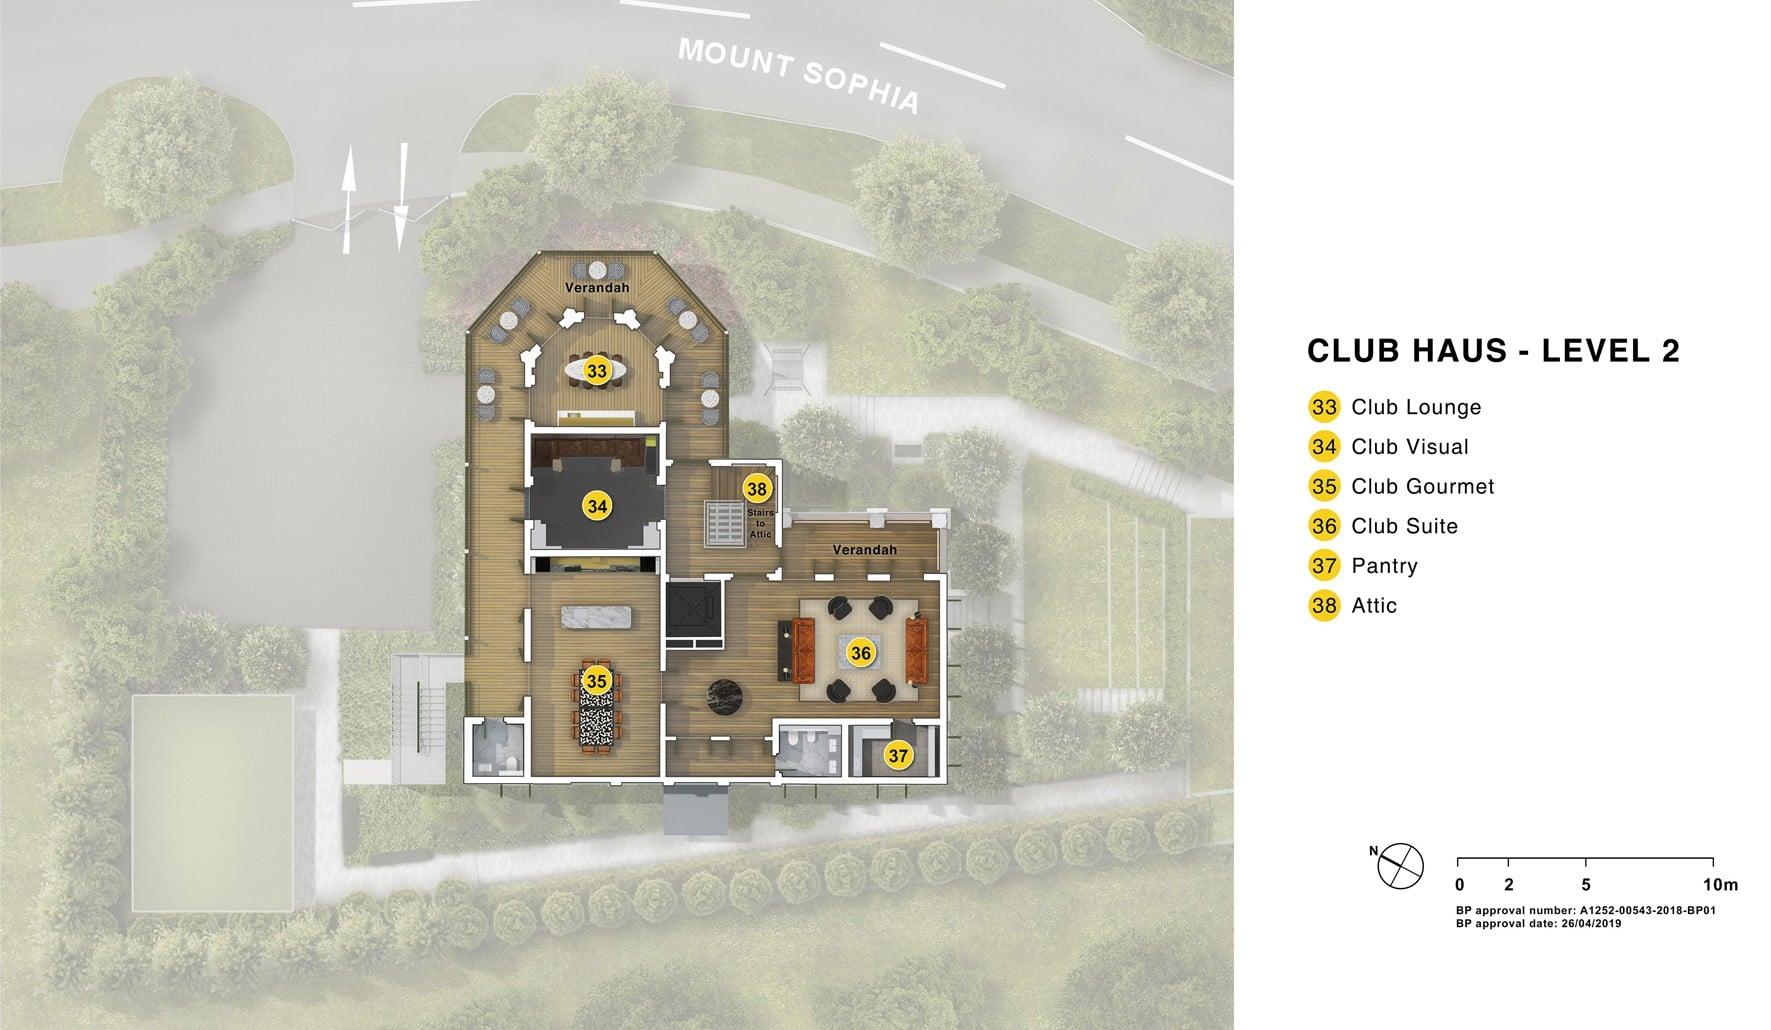 Club-Haus-Level-2